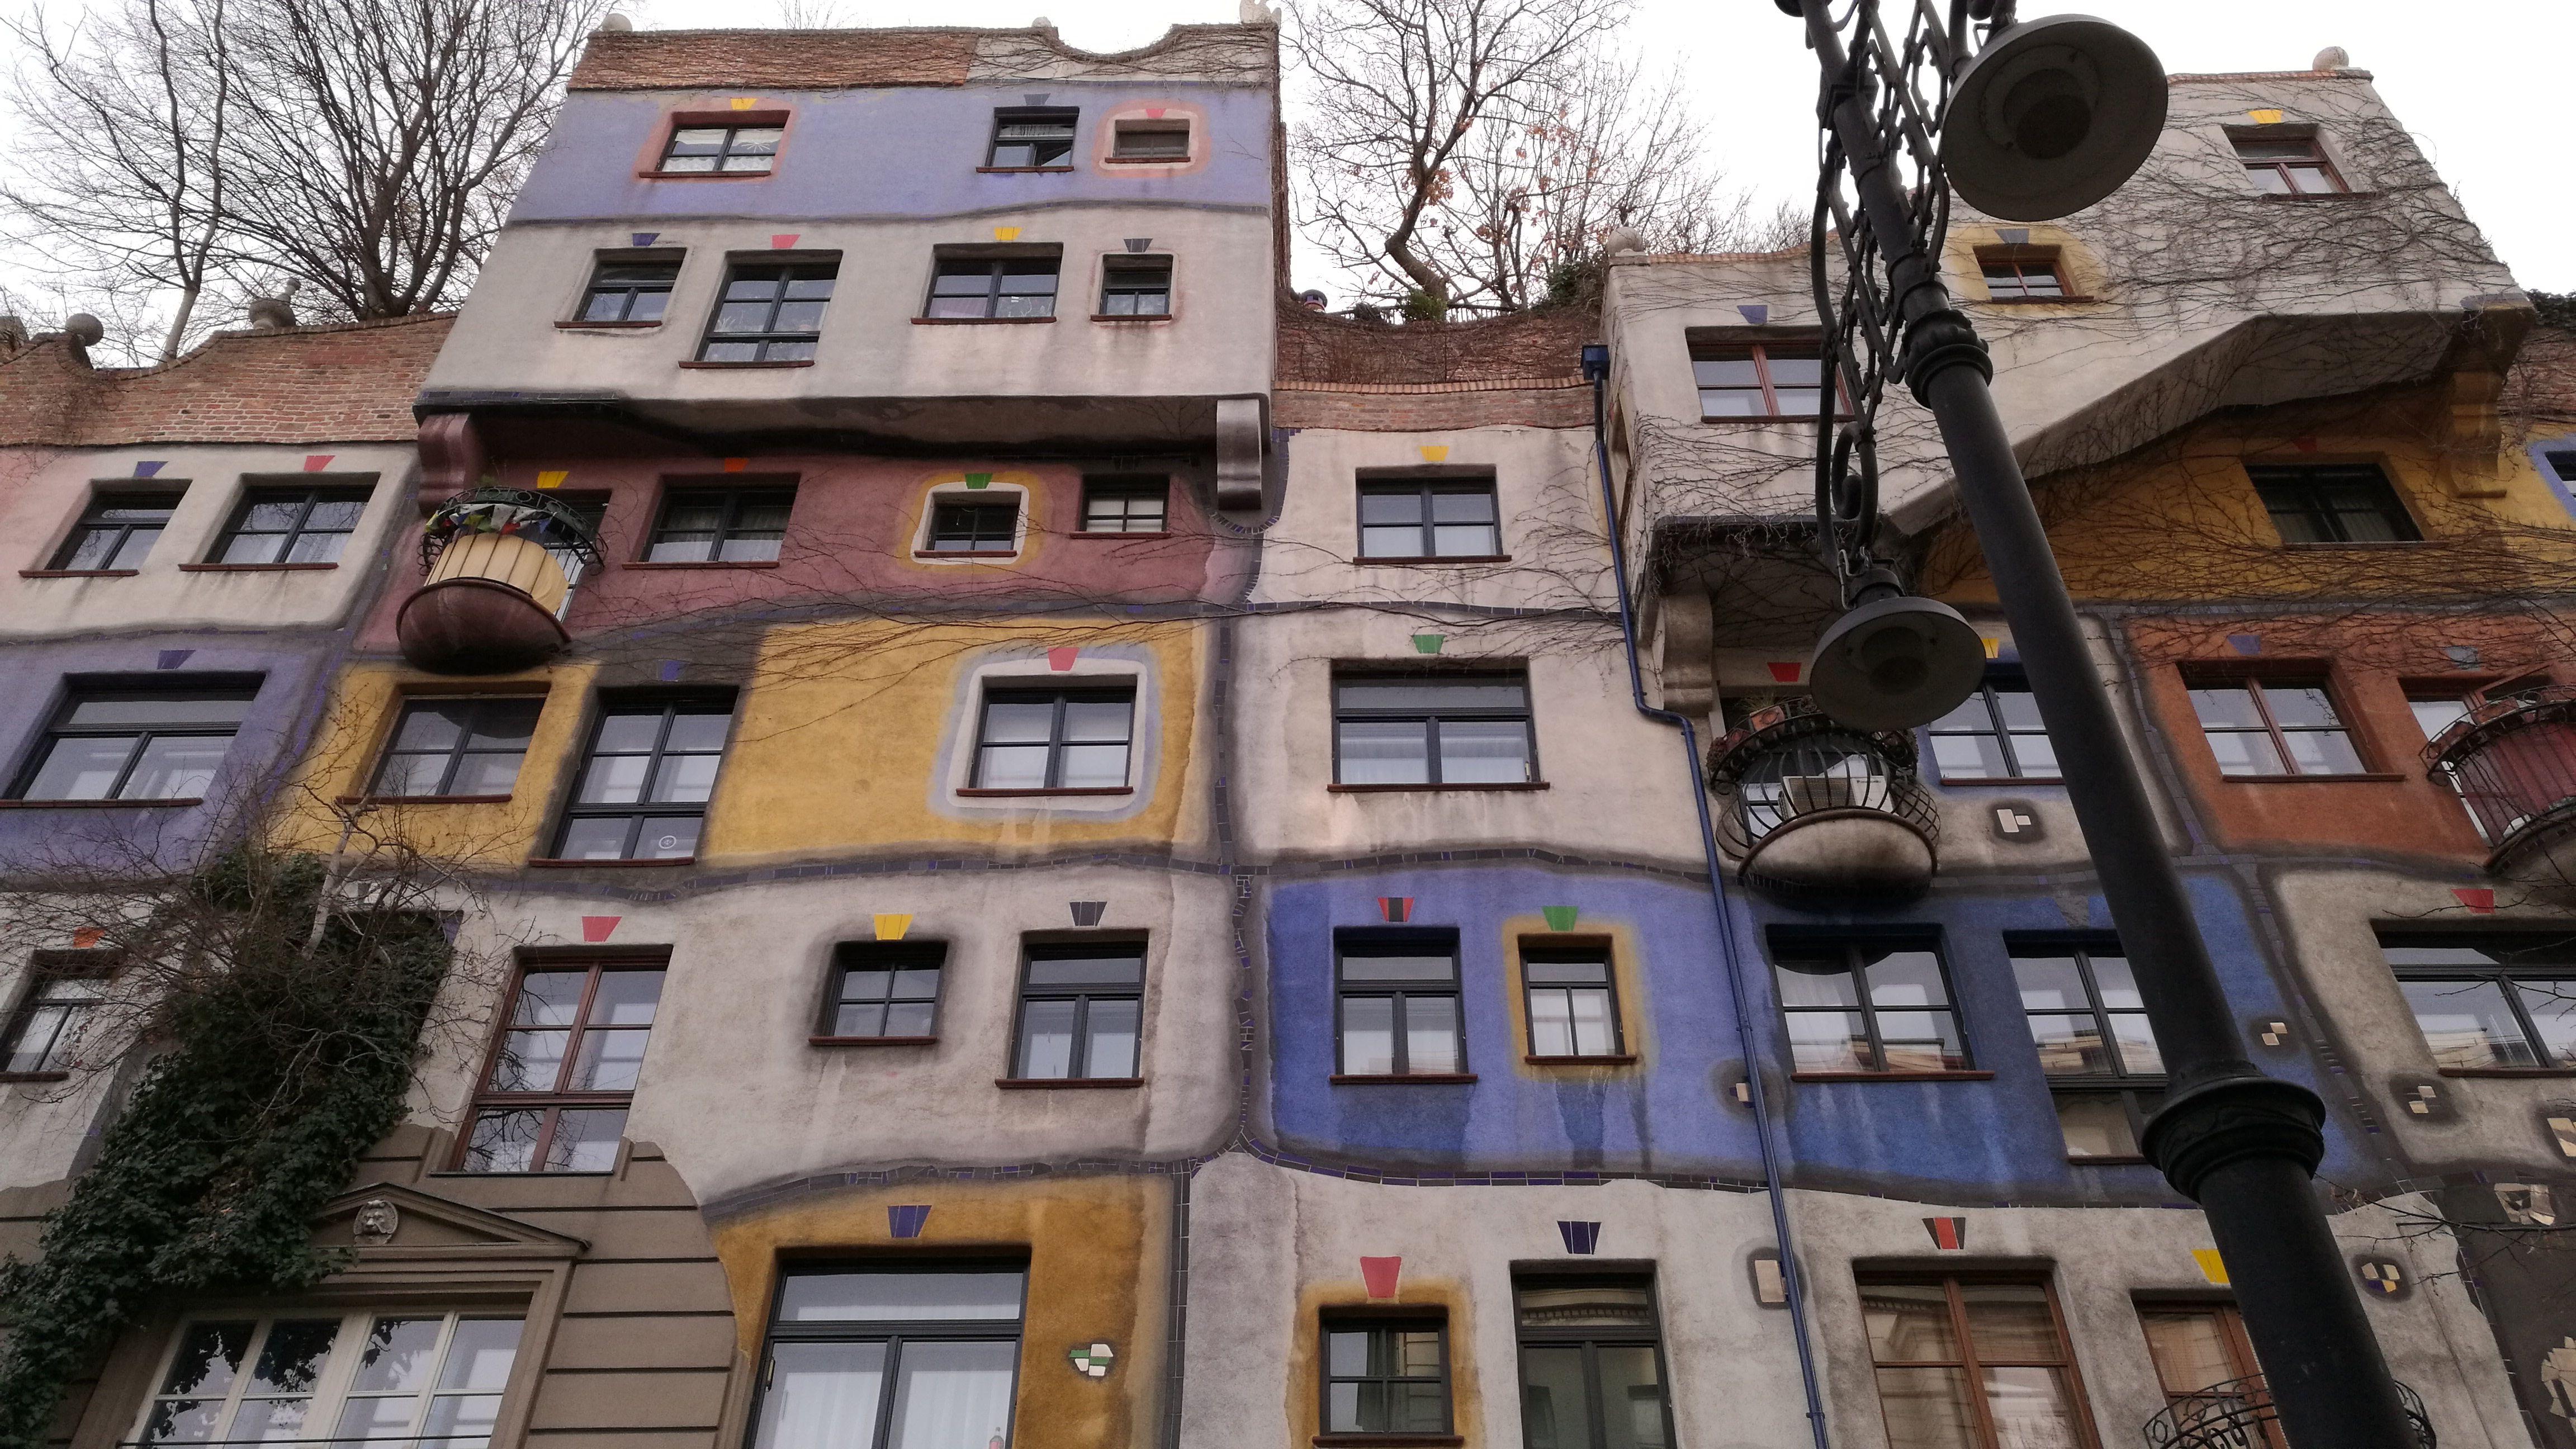 Colores y formas, esto es Hundertwasser